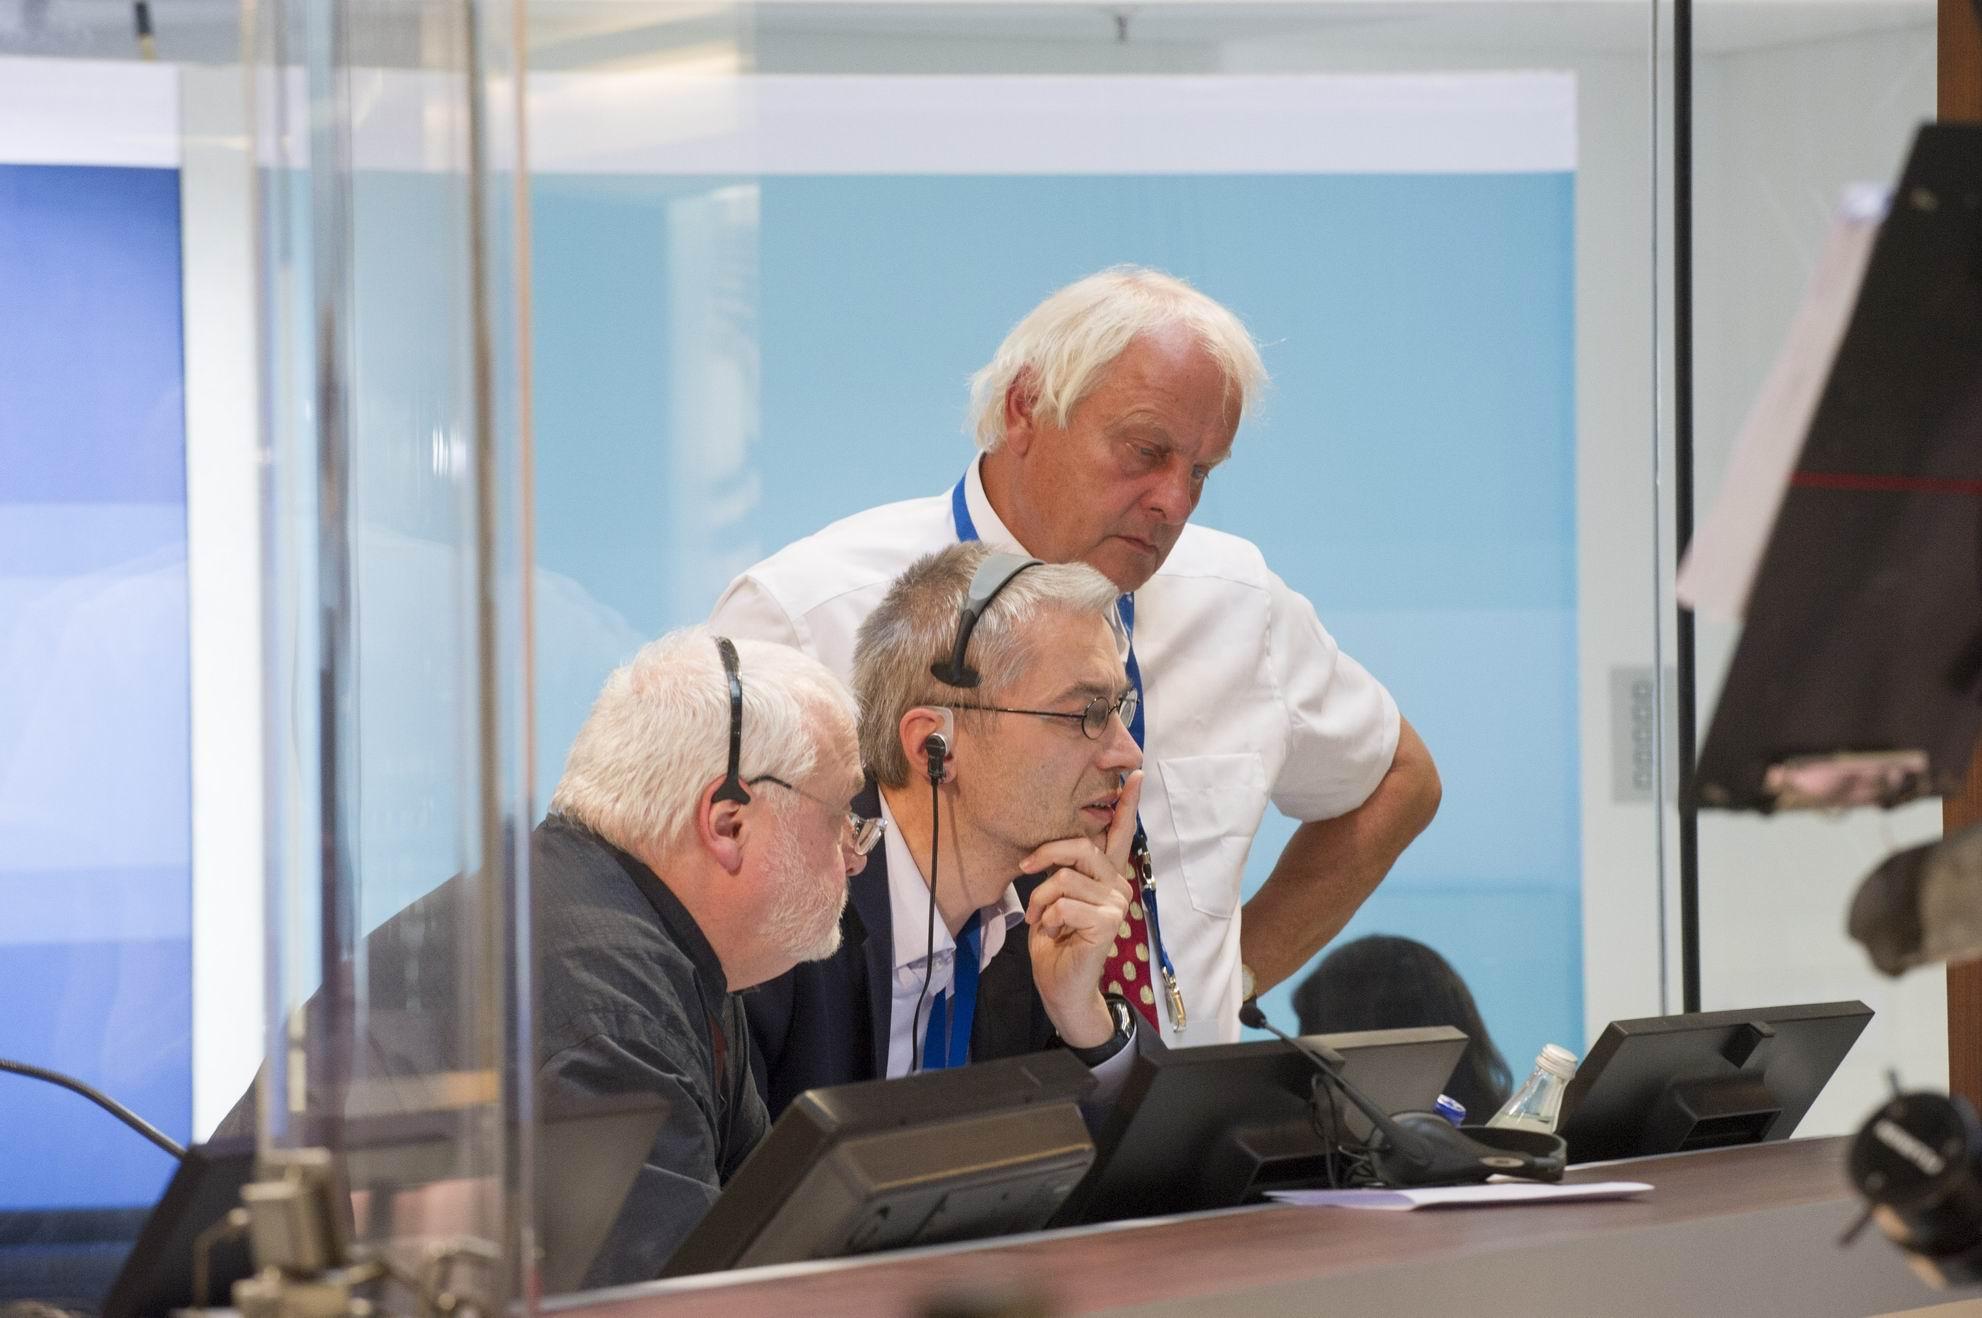 Knut Holzscheck, Michael Kunert (heute Geschäftsführer von Infratest dimap) und Reinhard Schlinkert (Geschäftsführer von dimap) bei der Bundestagswahl und Landtagswahl 2013